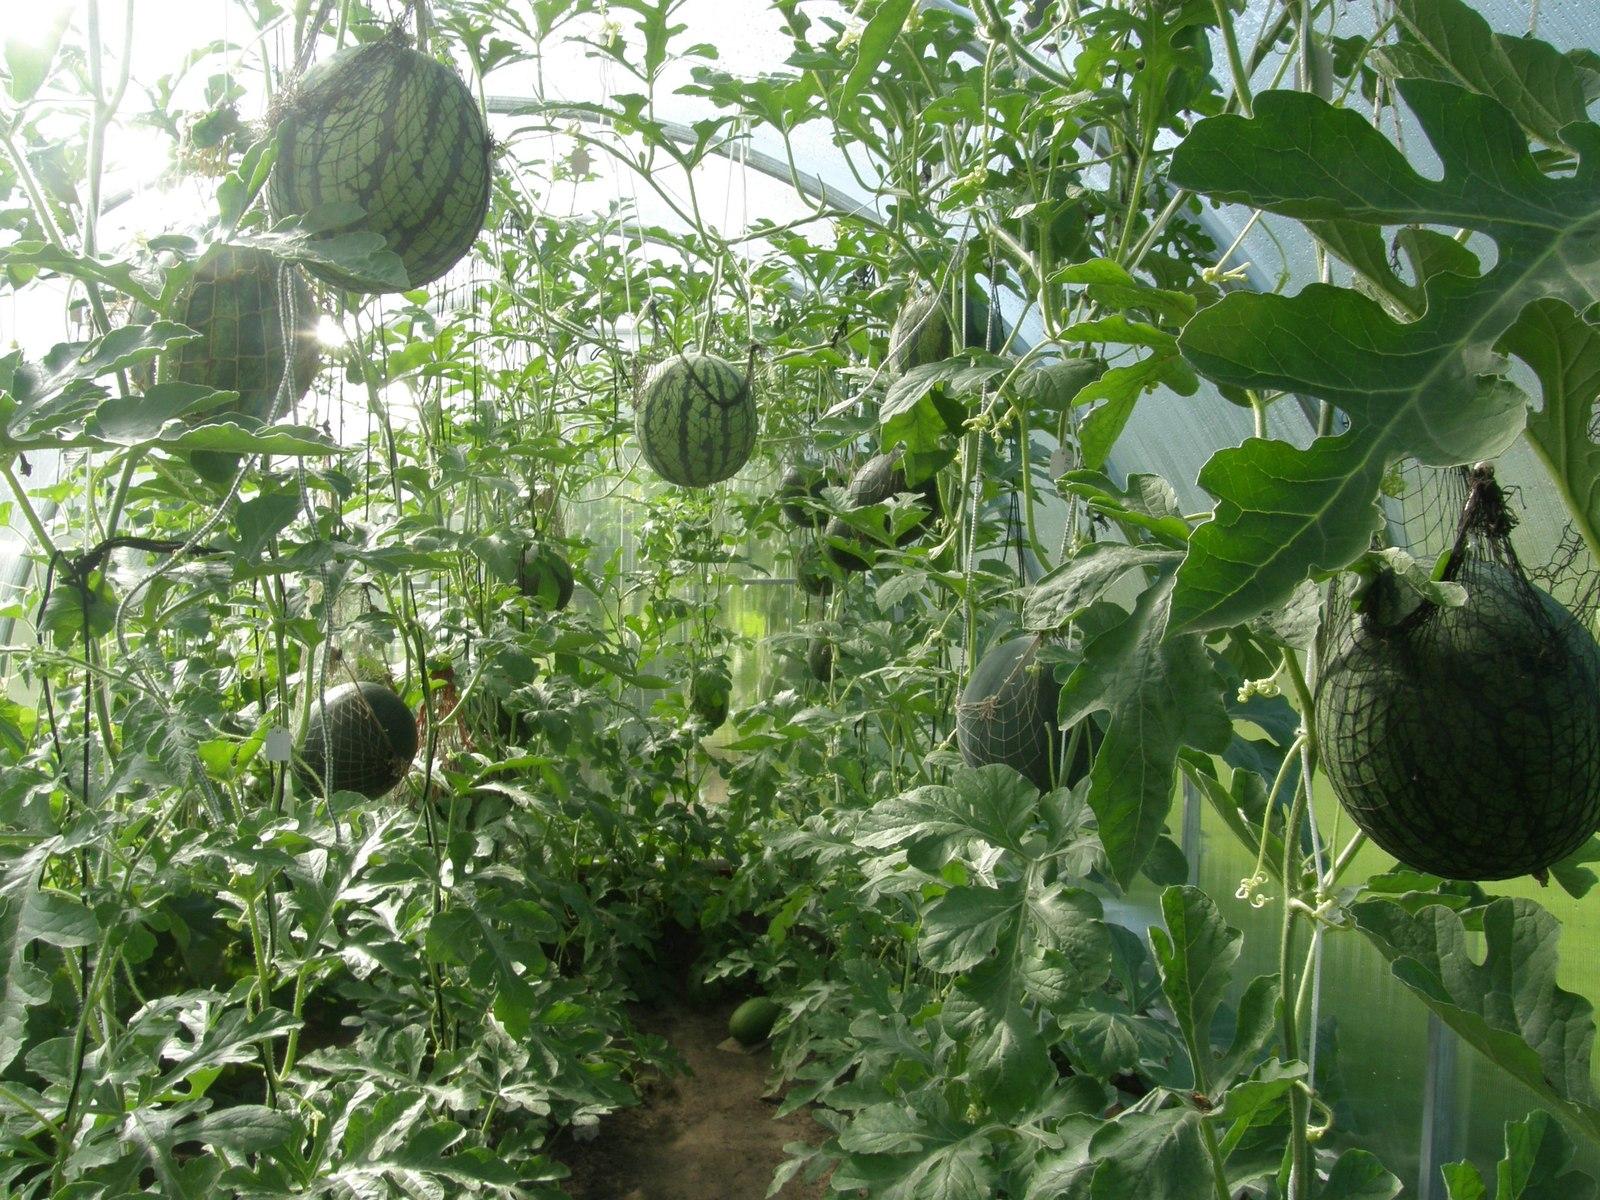 Арбузы в теплице из поликарбоната. Выращивание арбузов